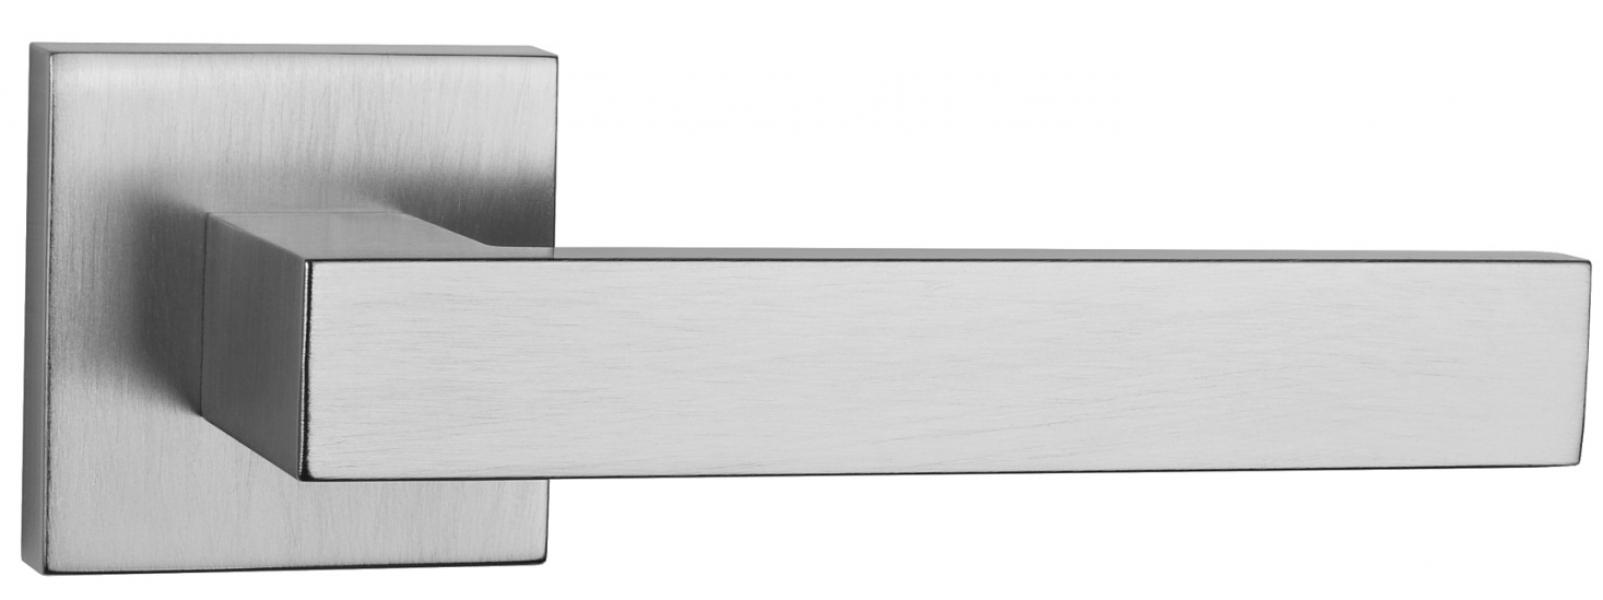 Дверная ручка Square 2275Q матовый хром